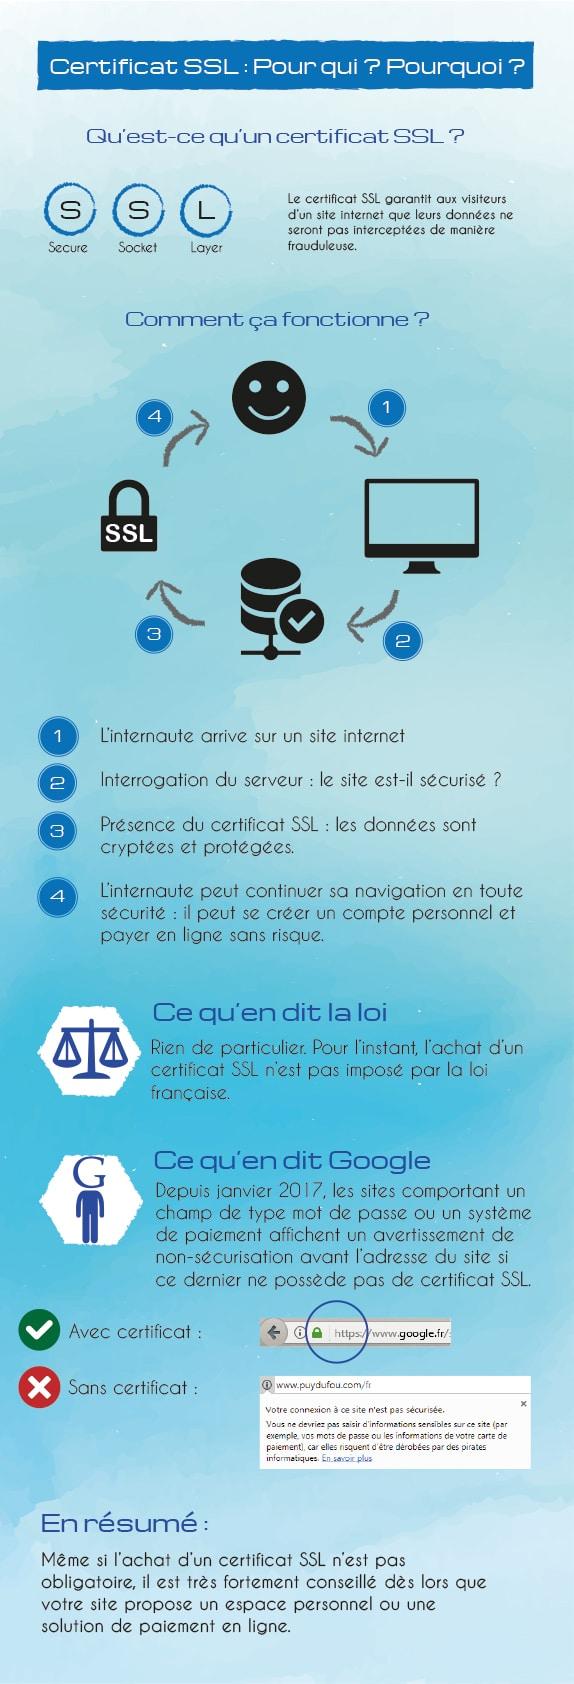 Infographie sur le certificat SSL